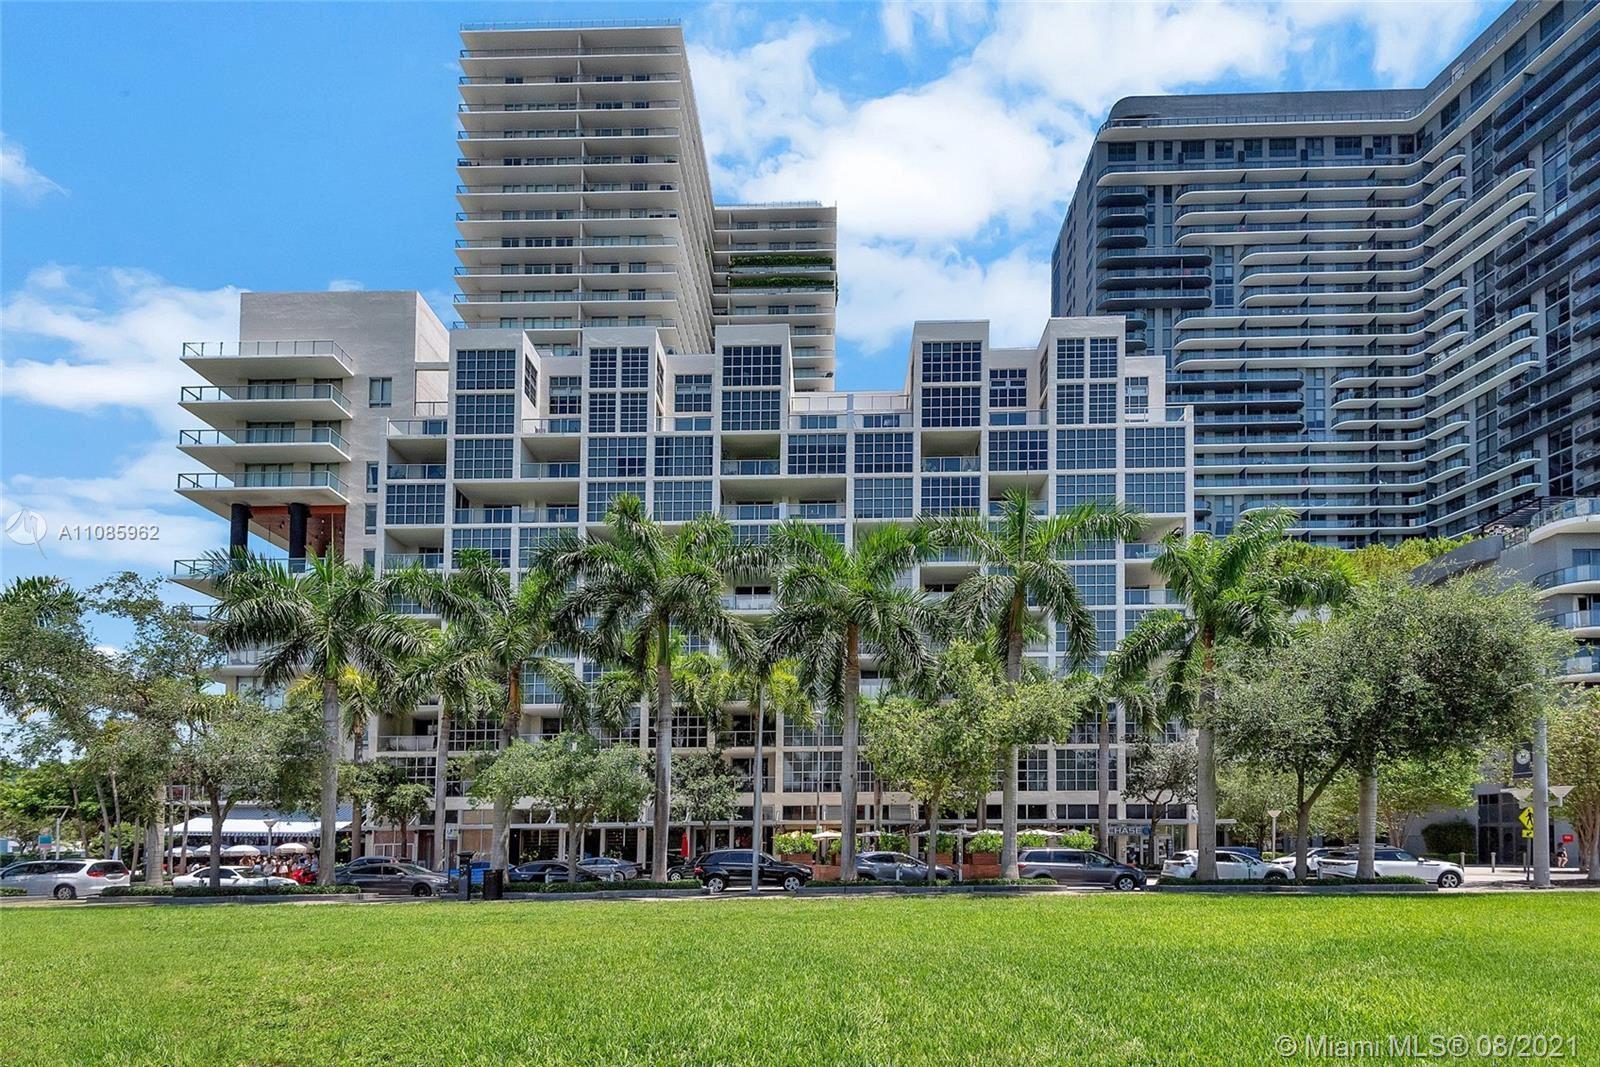 3451 NE 1st Ave #PM04, Miami, FL 33137 - #: A11085962